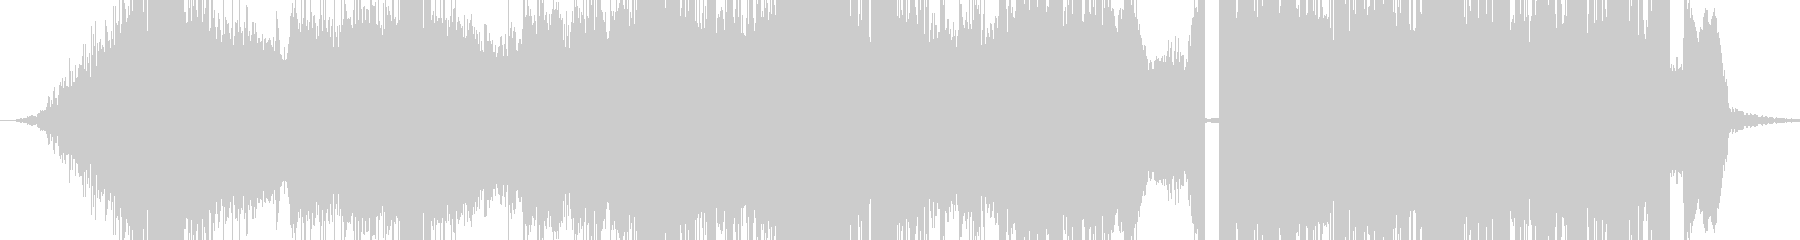 実験的な バトル 焦り 暗い ホラ...の未再生の波形